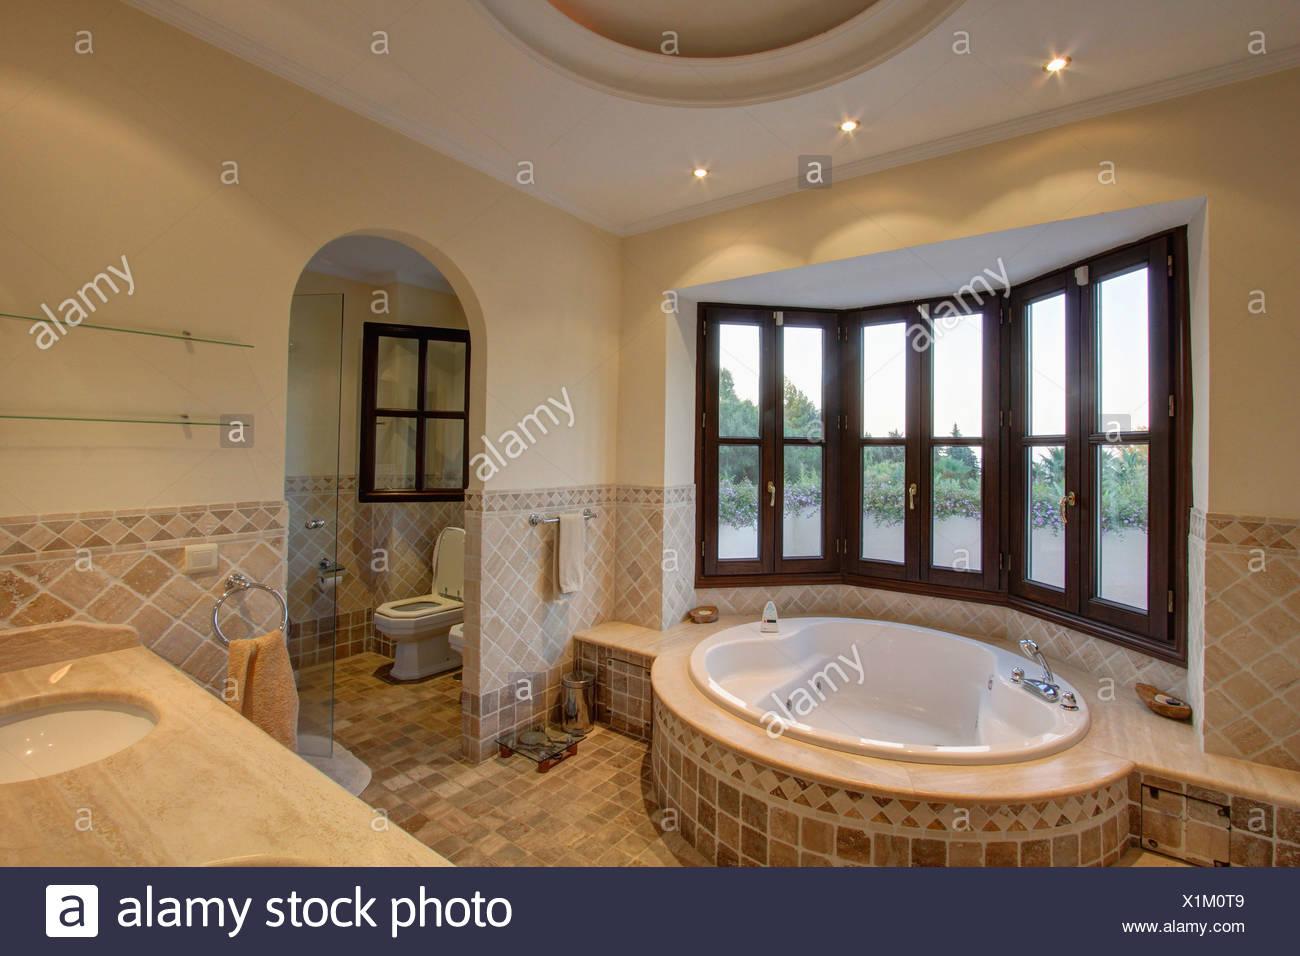 Oval Vasca Termale Sotto Finestra Di Baia In Spagnolo Moderno Bagno